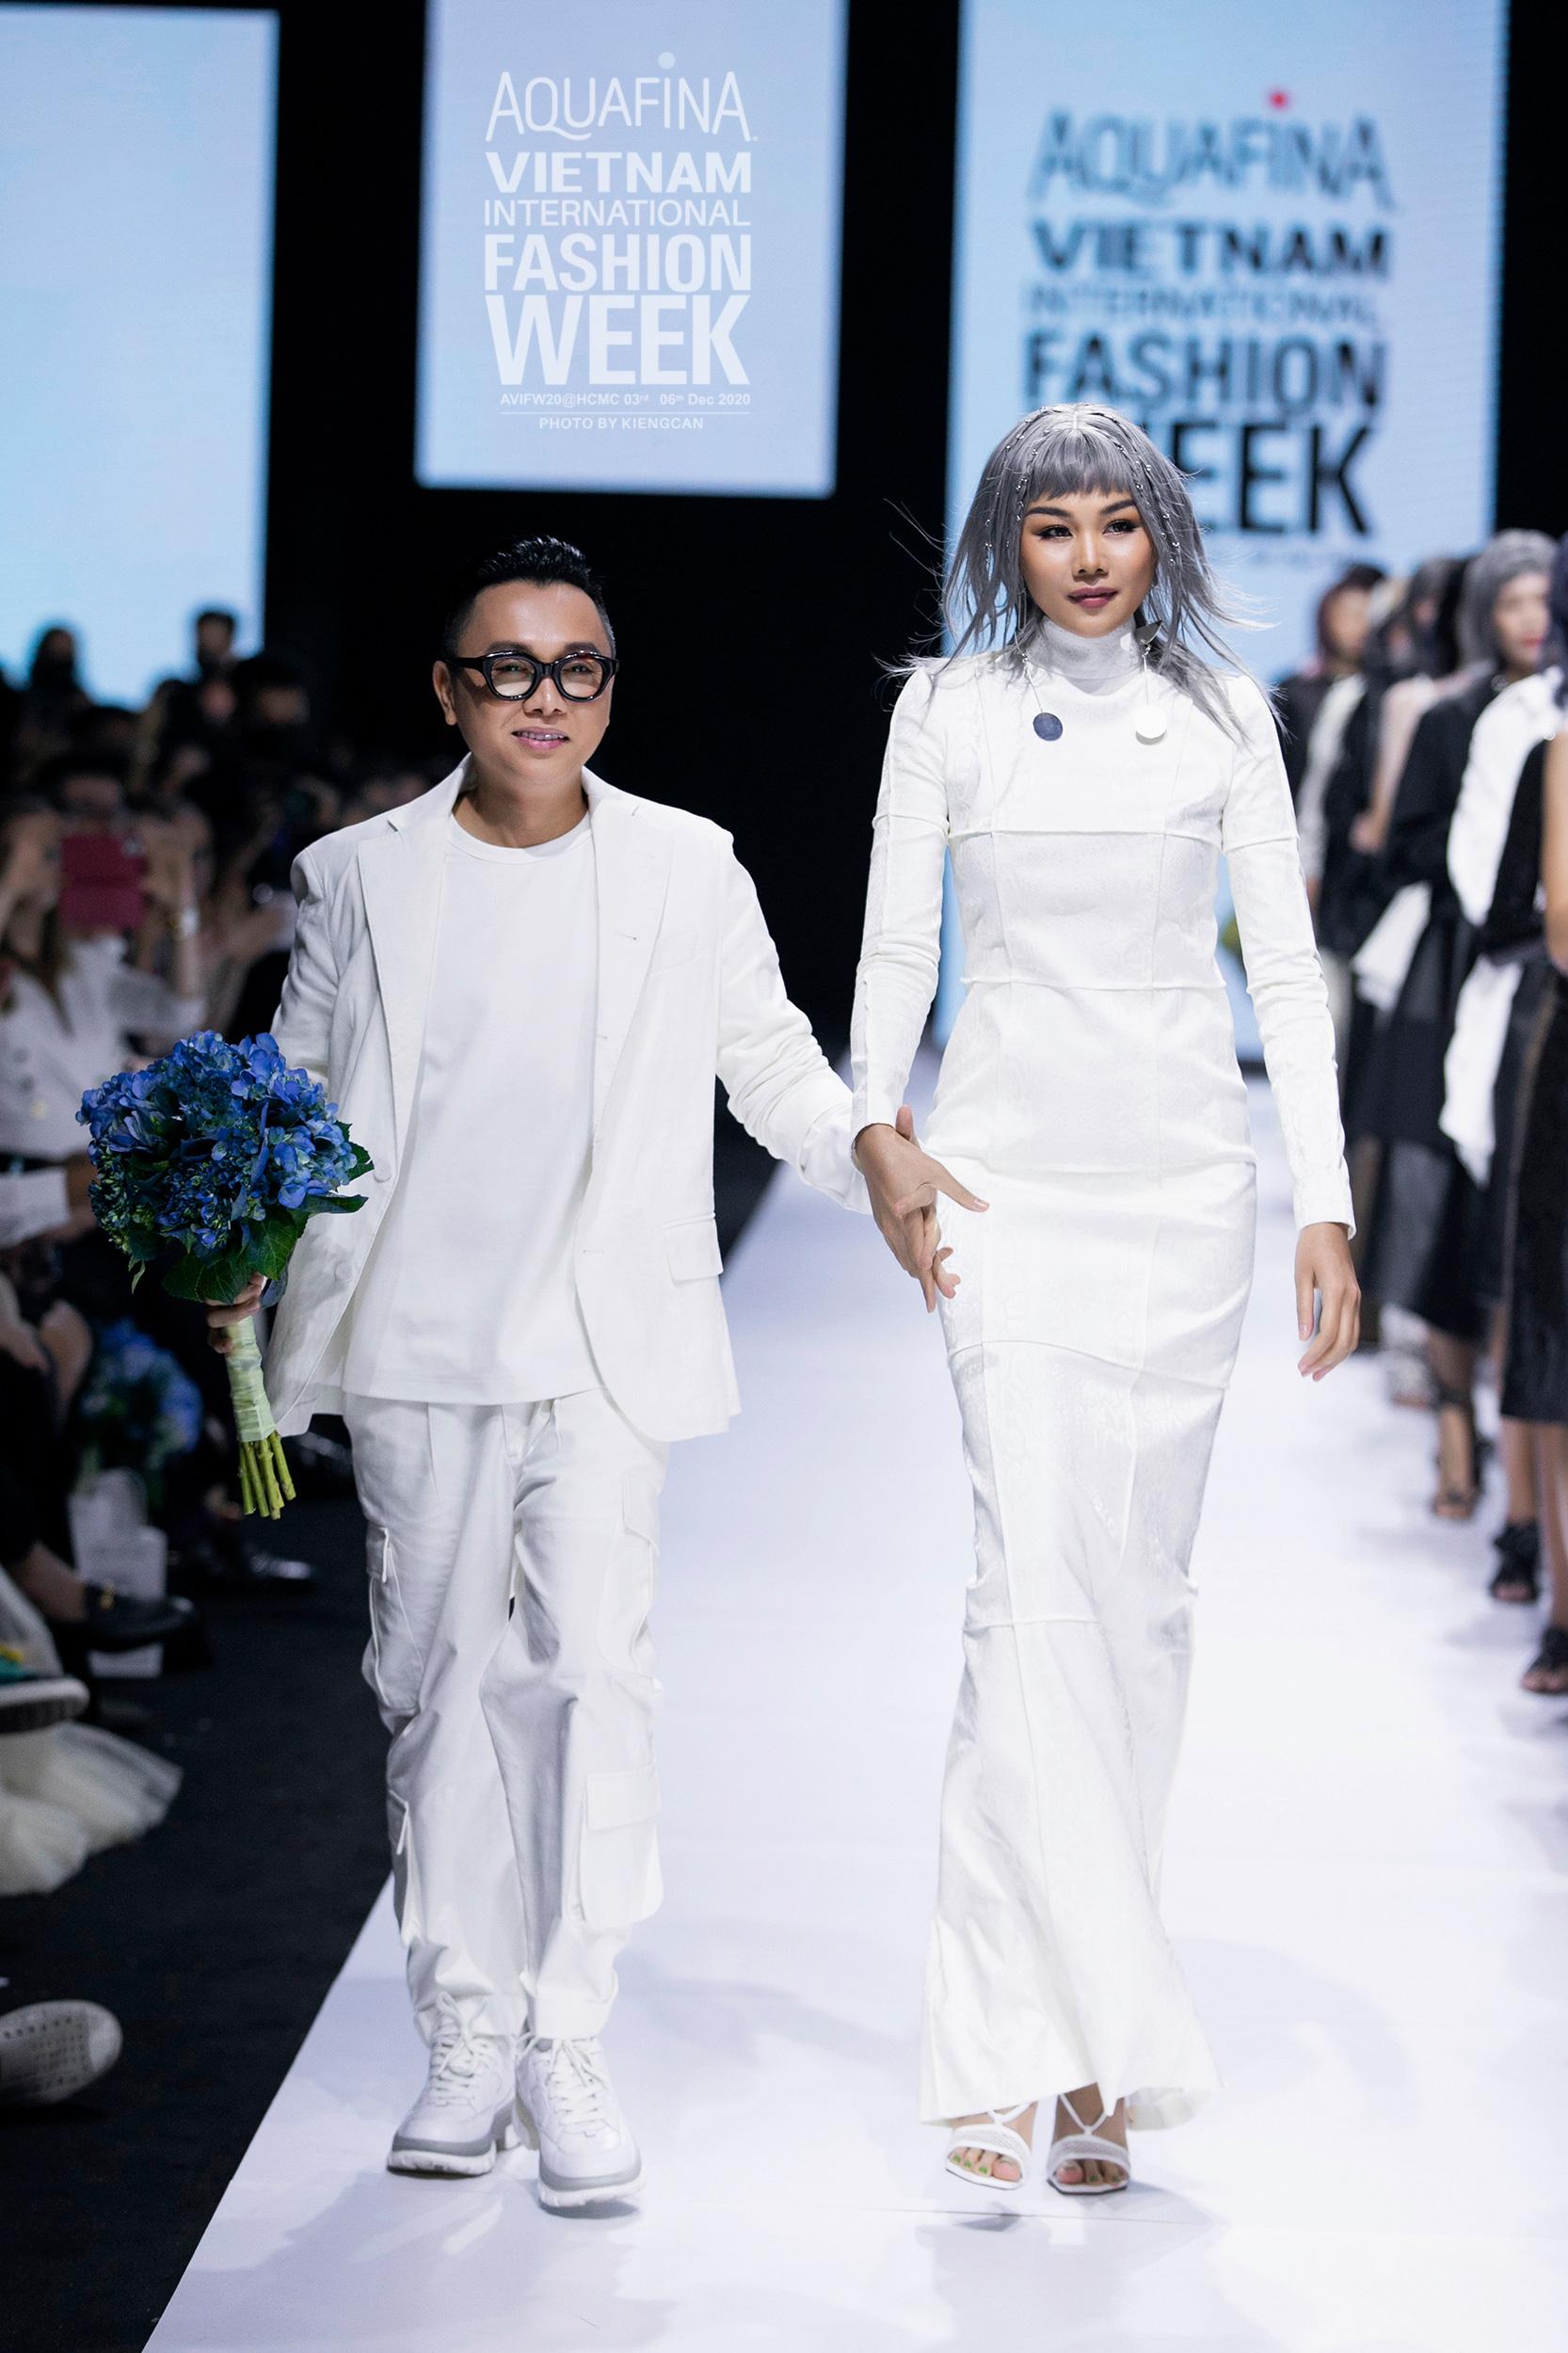 """2020: Khi các kinh đô thế giới cũng phải tạm im tiếng thì dòng chảy thời trang Việt vẫn mãnh liệt khẳng định: """"Tương lai bắt đầu từ hôm nay!"""" - Ảnh 11."""